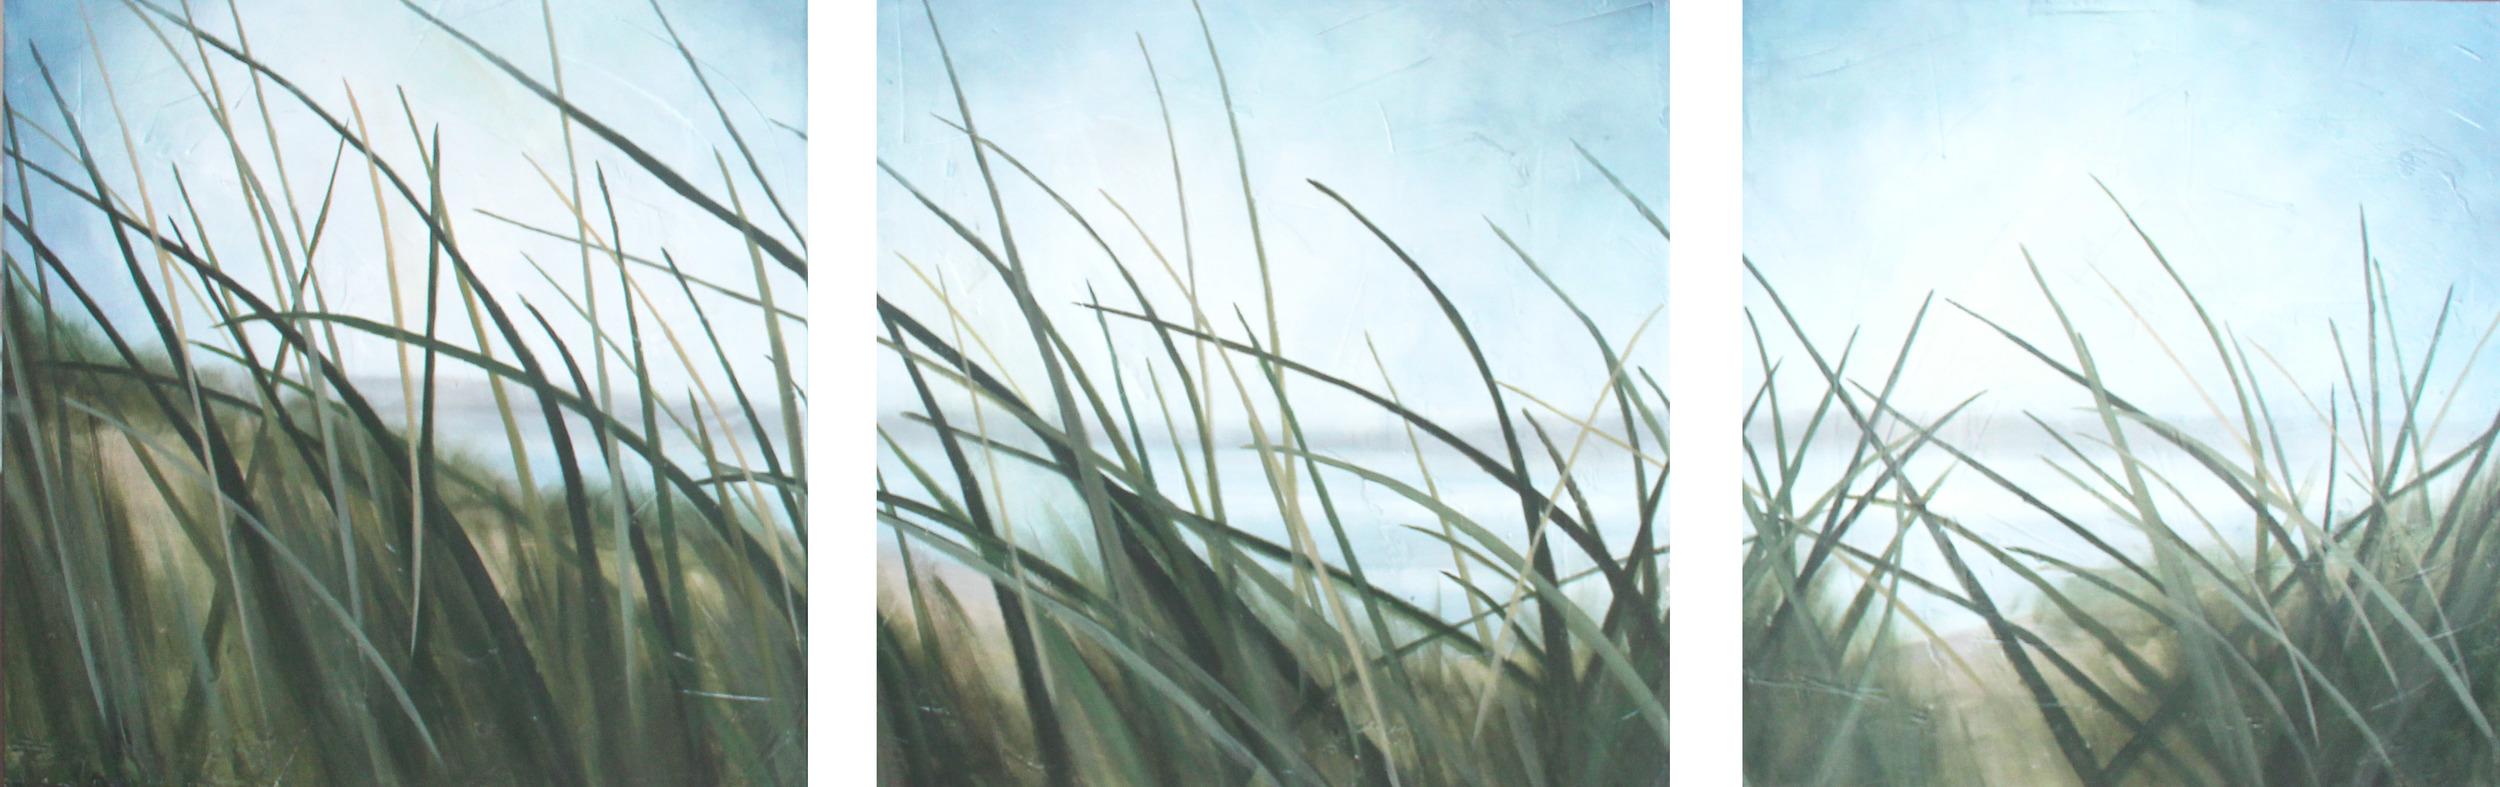 sea grass triptych #5, 22'' x 22''''.jpg